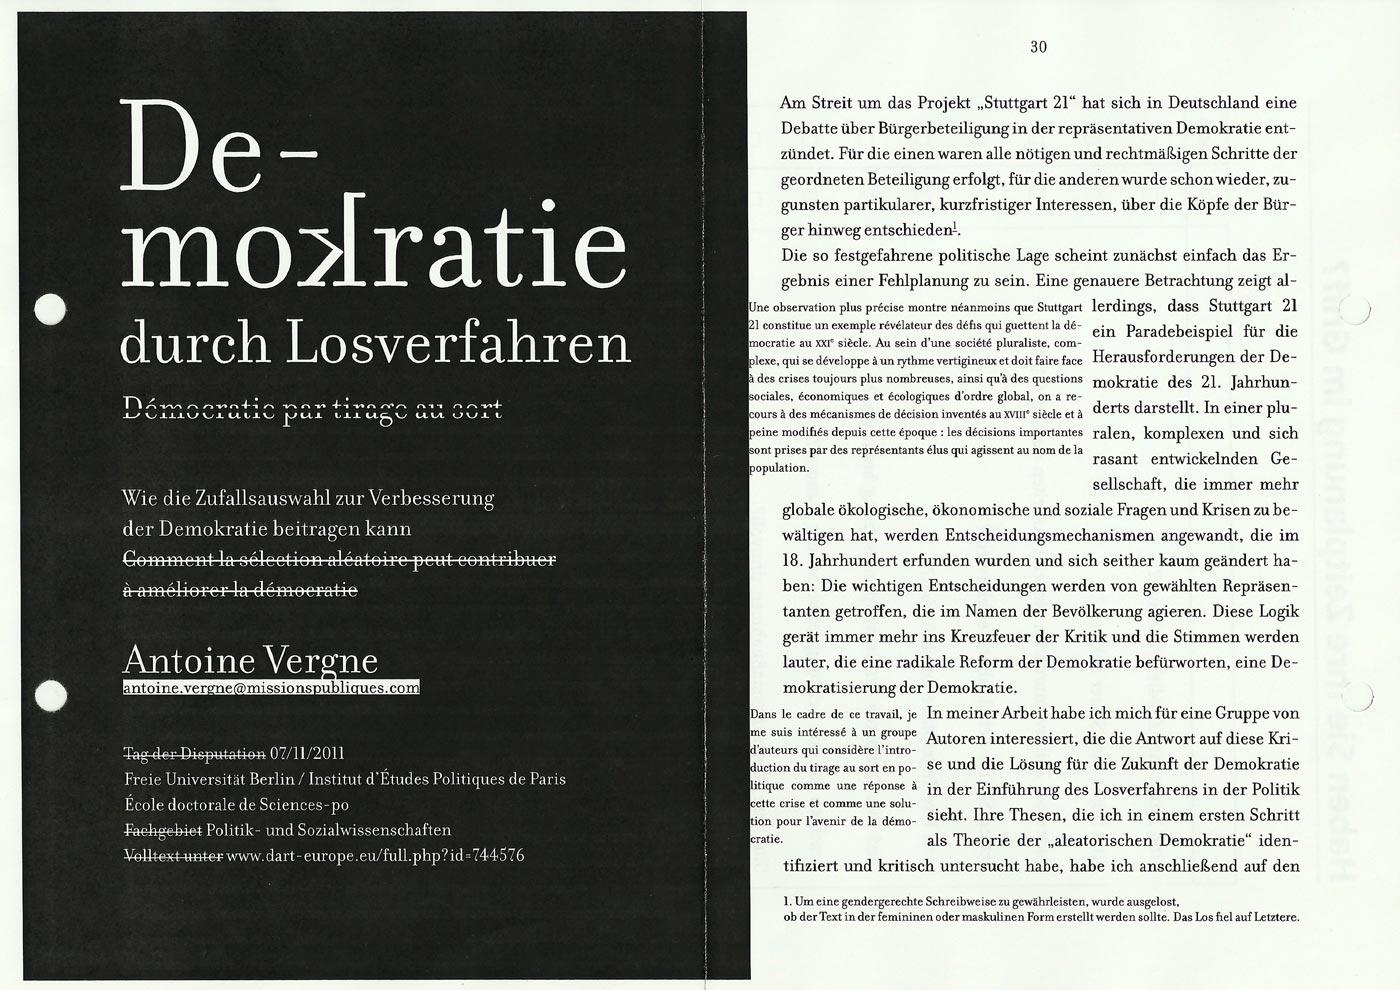 sozialwissenschaften studieren berlin